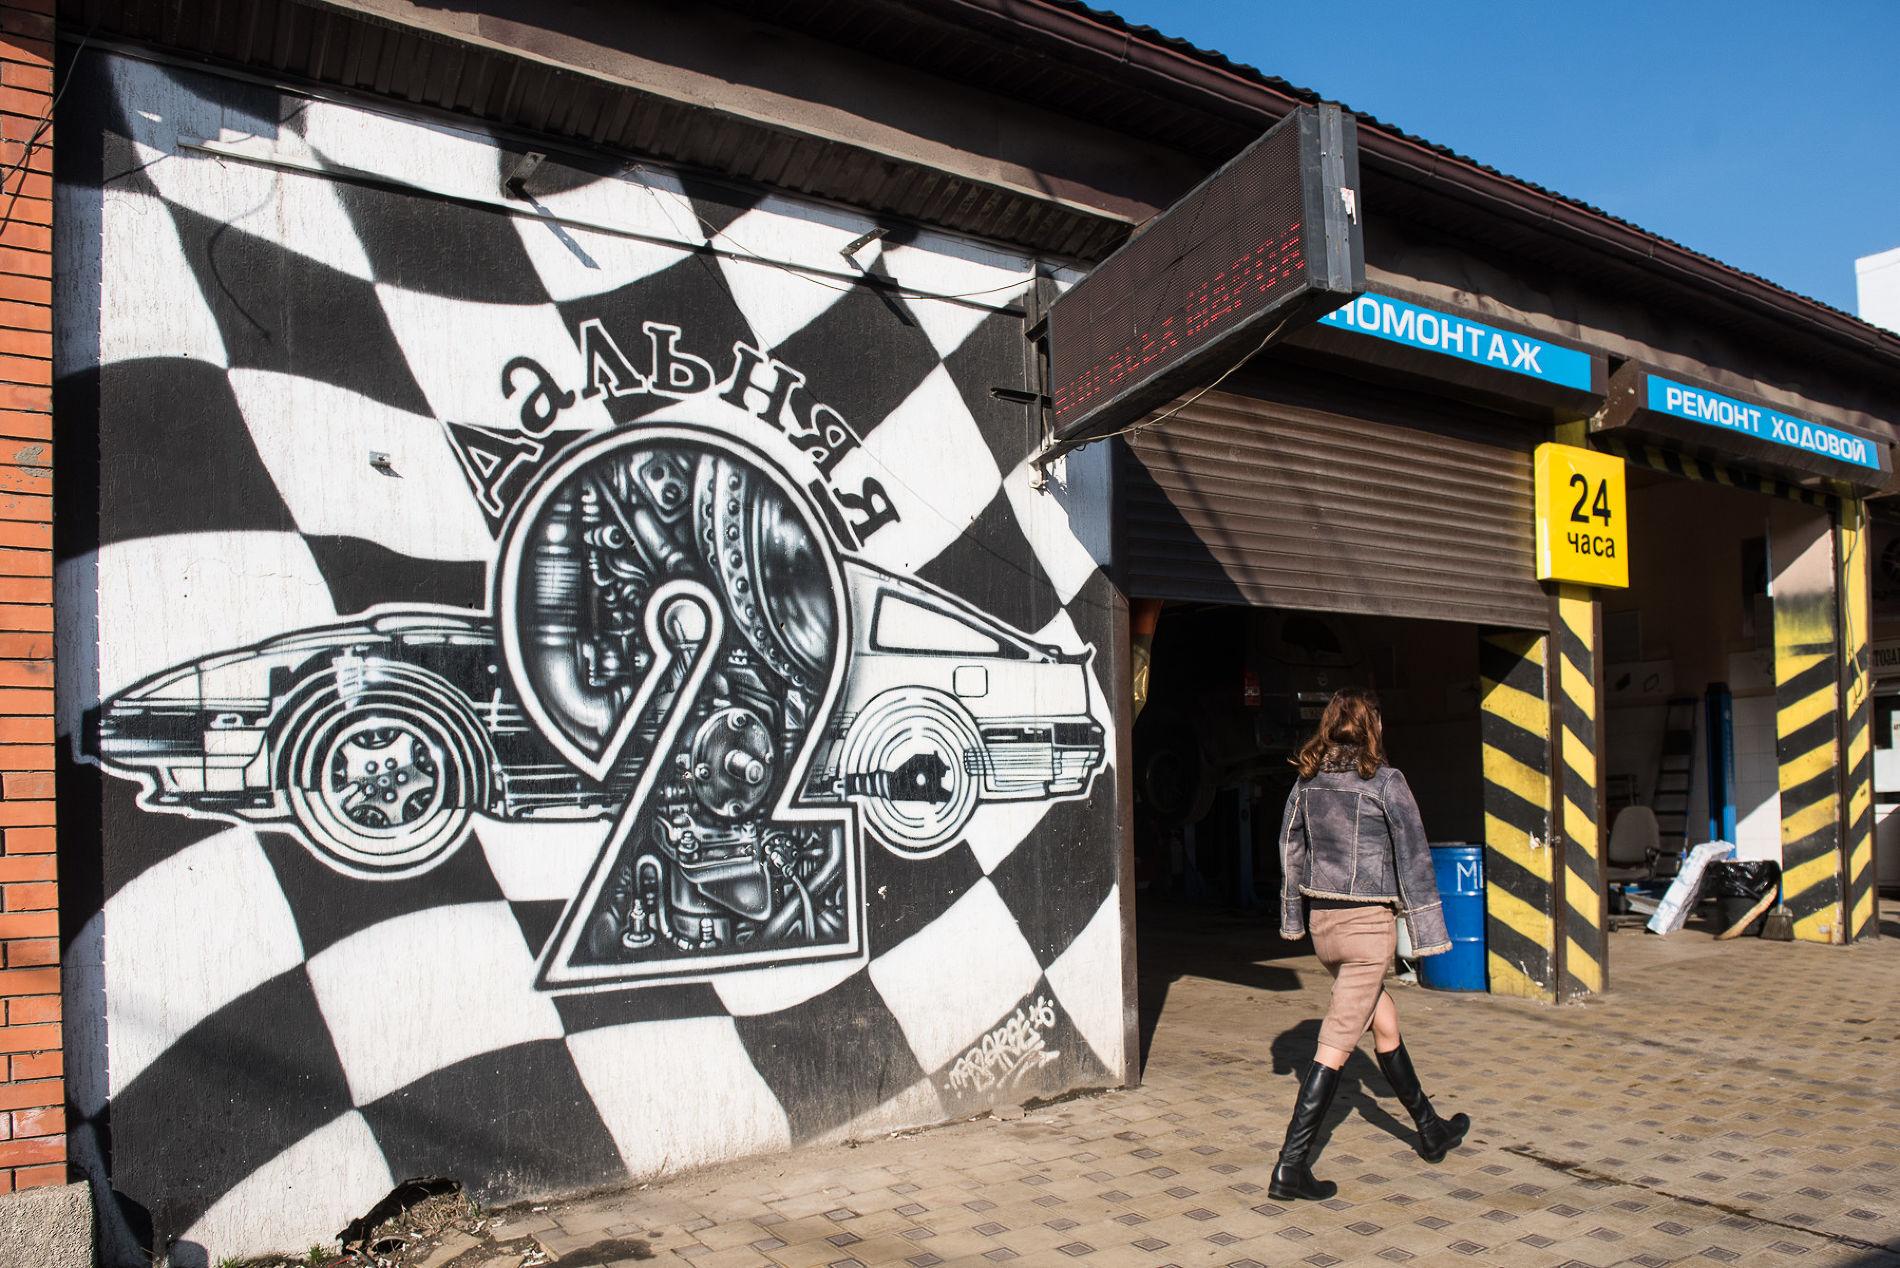 Стрит-арт для шиномонтажа, ФМР ©Фото Елены Синеок, Юга.ру